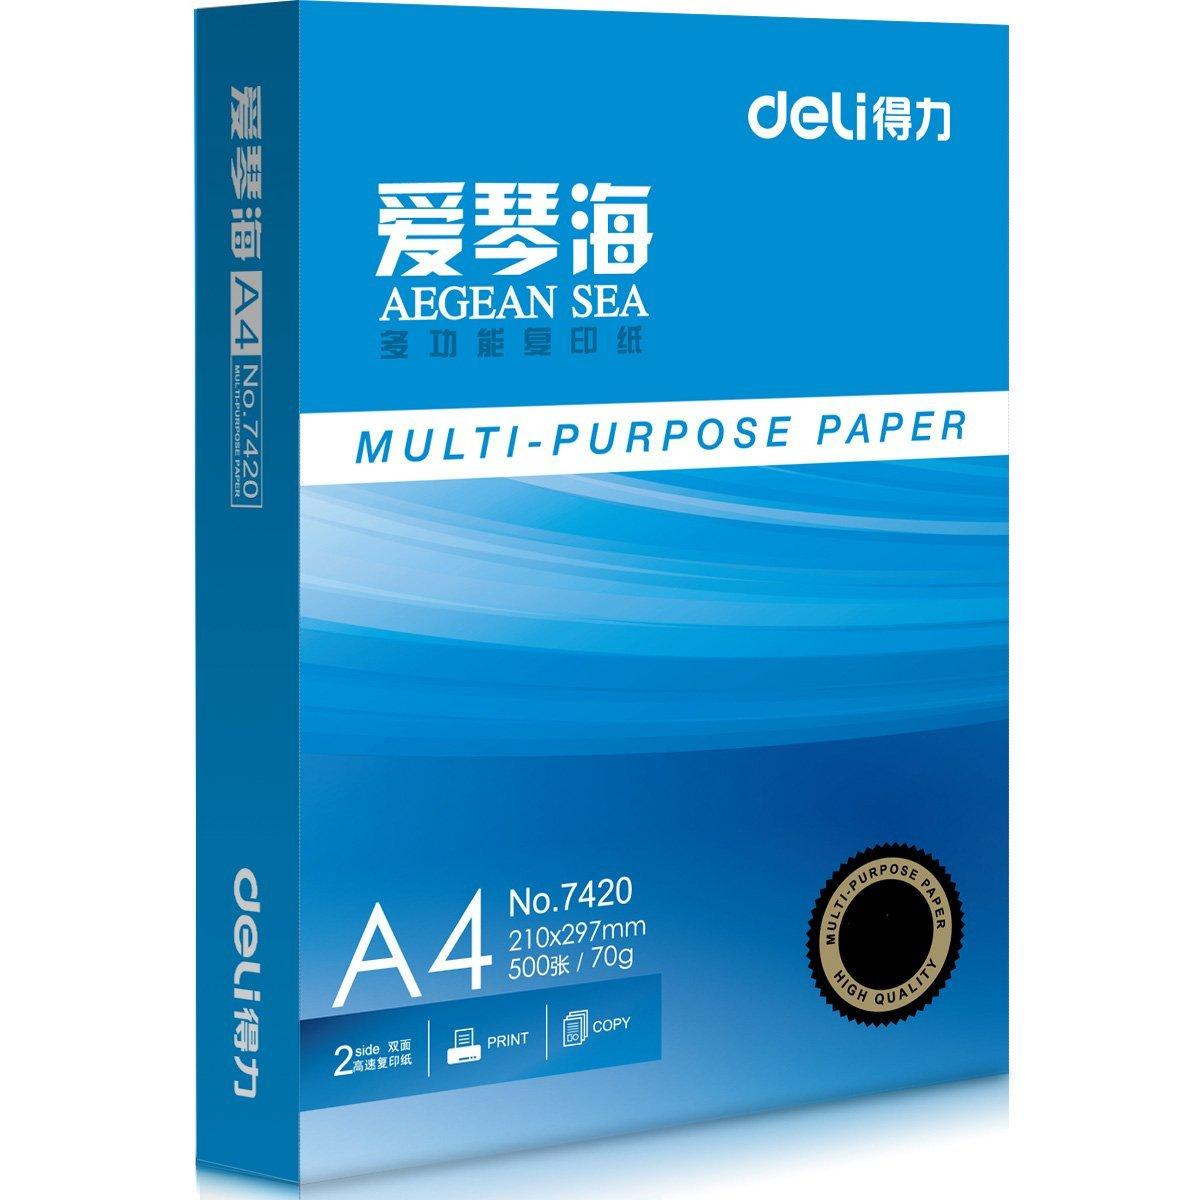 Deli    Cánh tay phải Deli 7420 Aegean 70 gam /80 gam A4 bản sao giấy in giấy nhập khẩu bột giấy 50